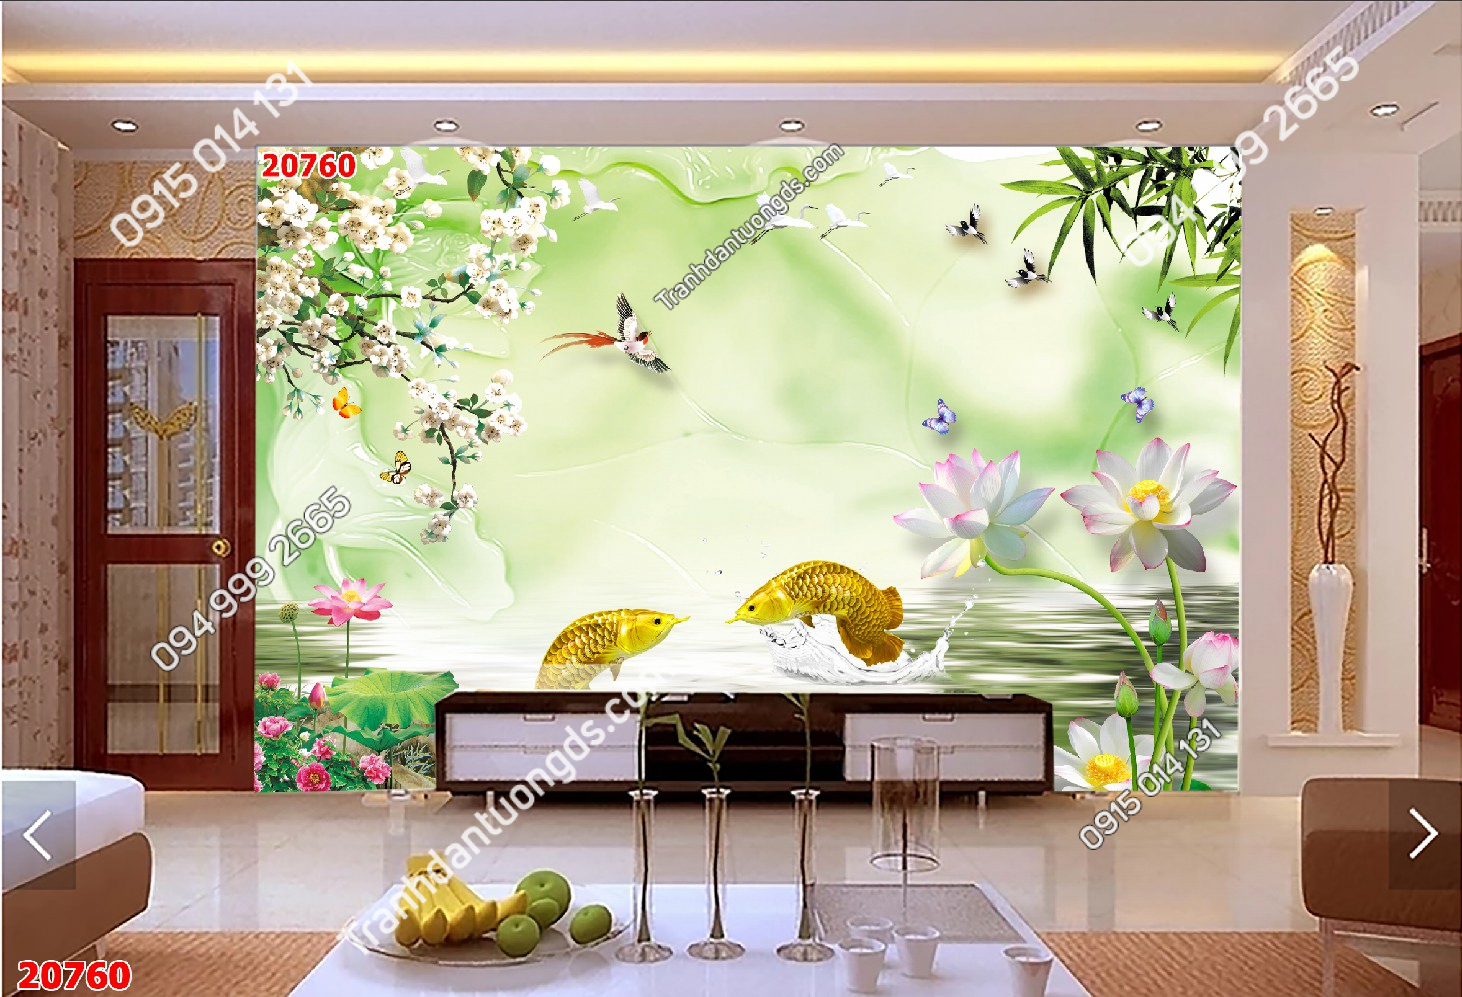 Tranh dán tường cá hải tượng vàng 20760 demo